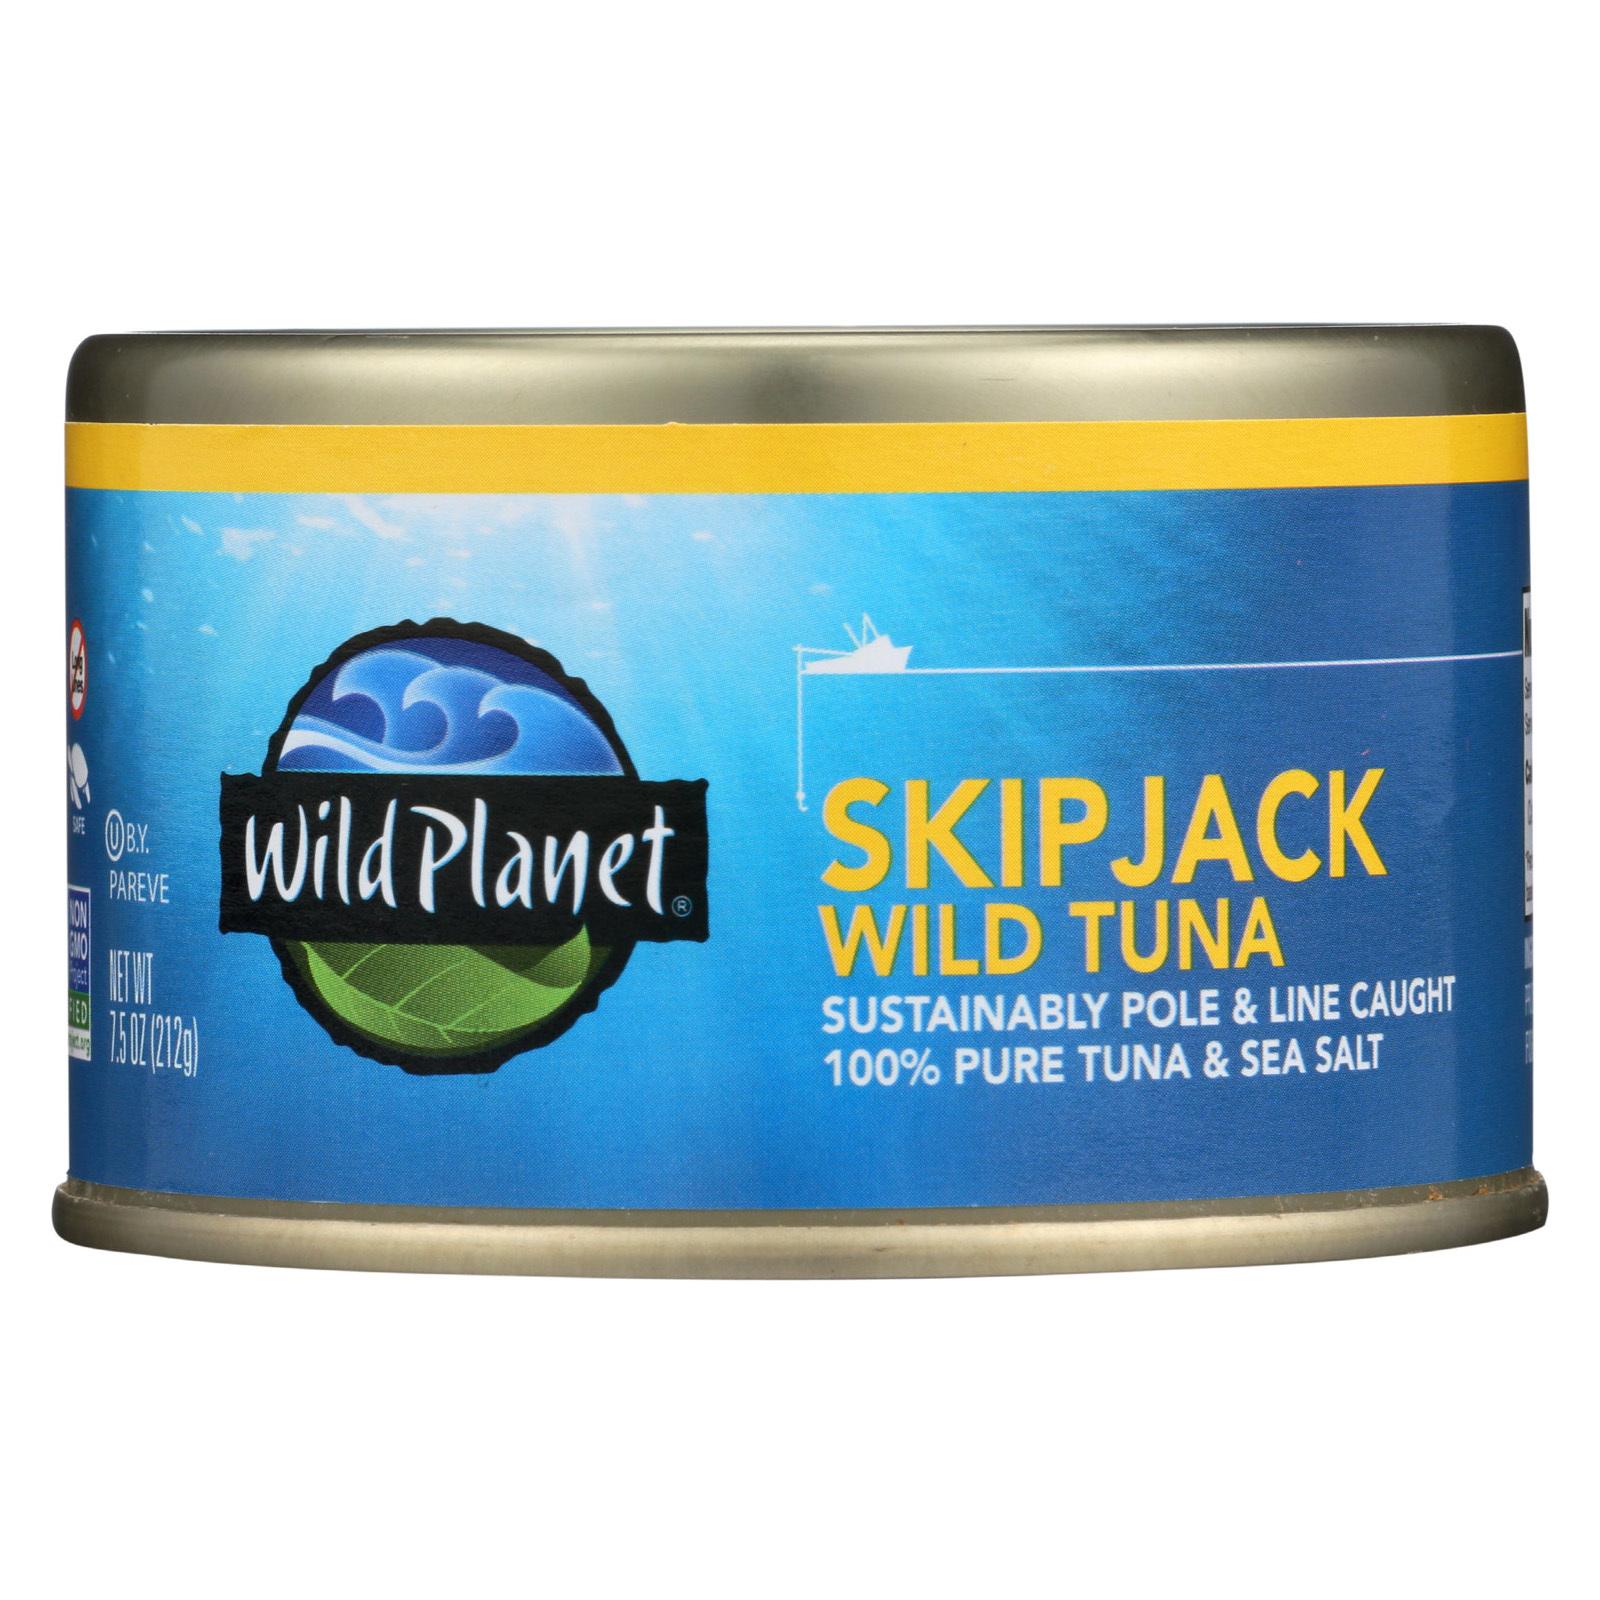 Wild Planet Wild Tuna - Skipjack - Case of 12 - 7.5 oz